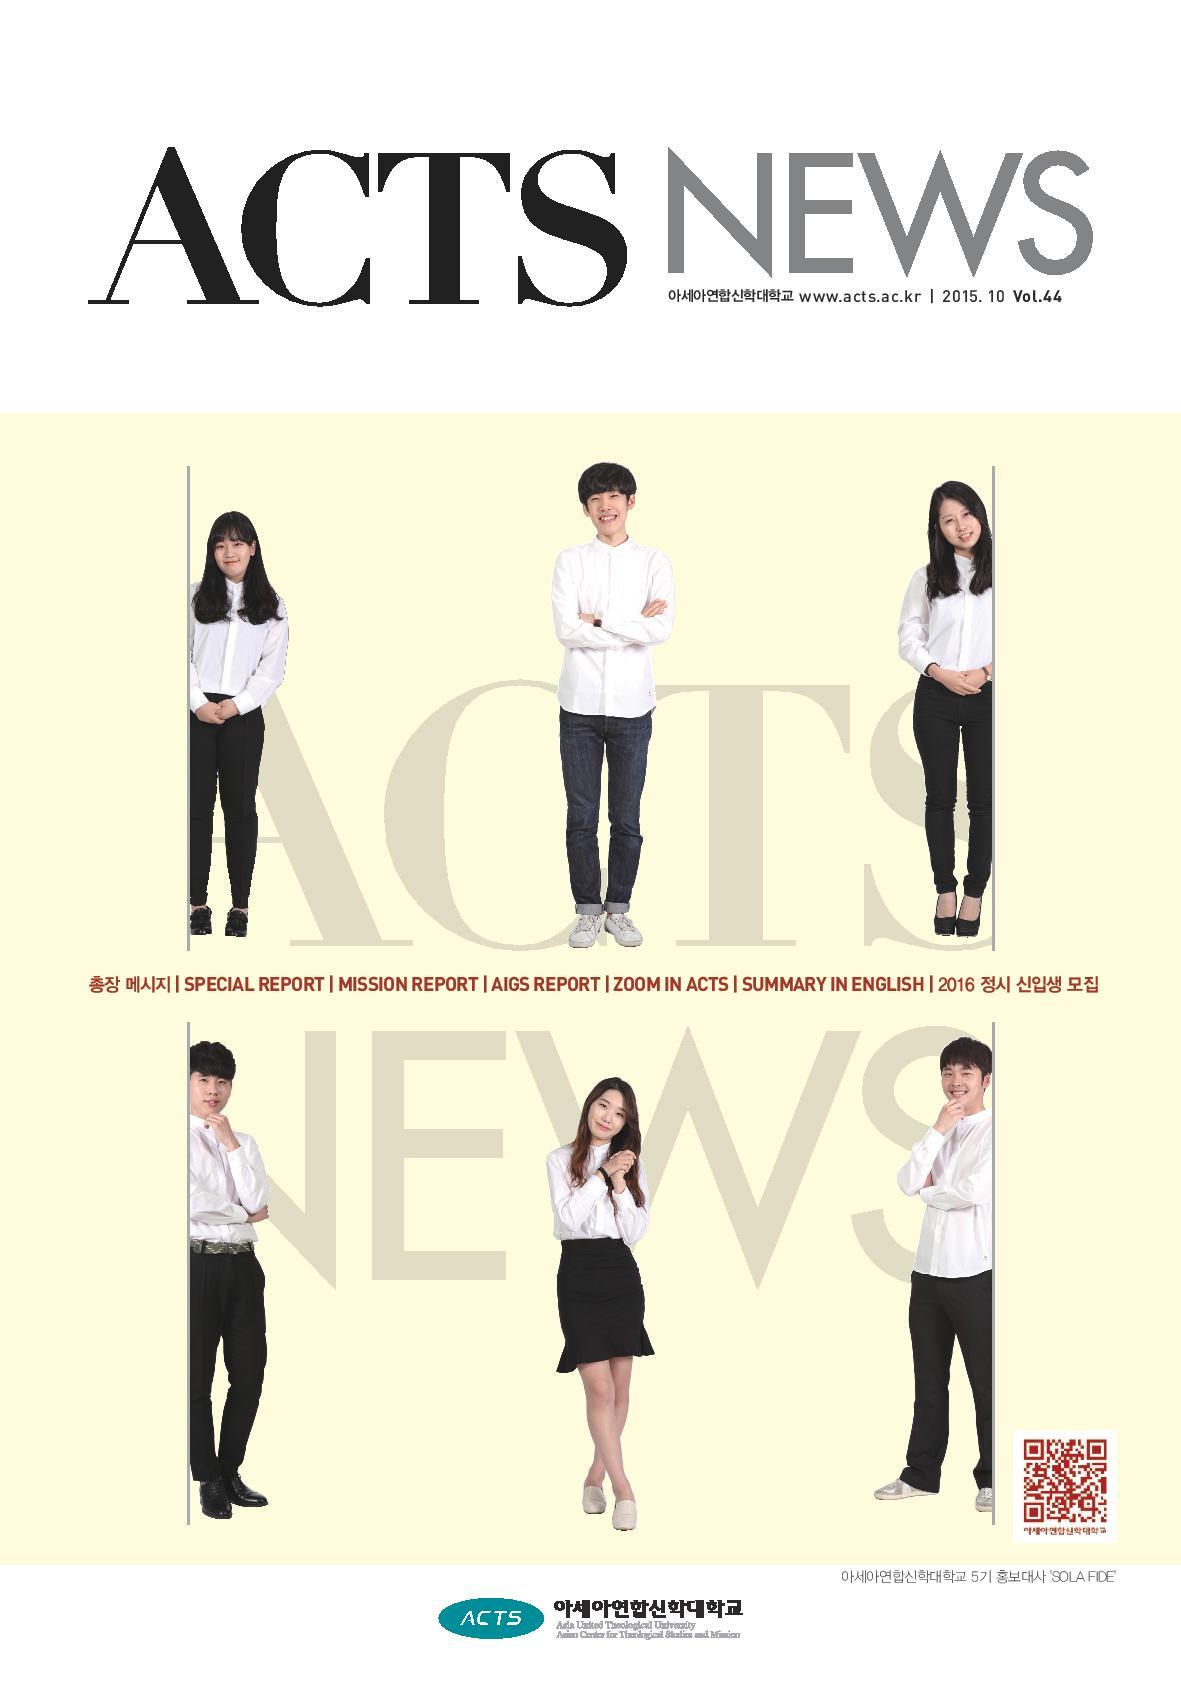 제44호 ACTS NEWS